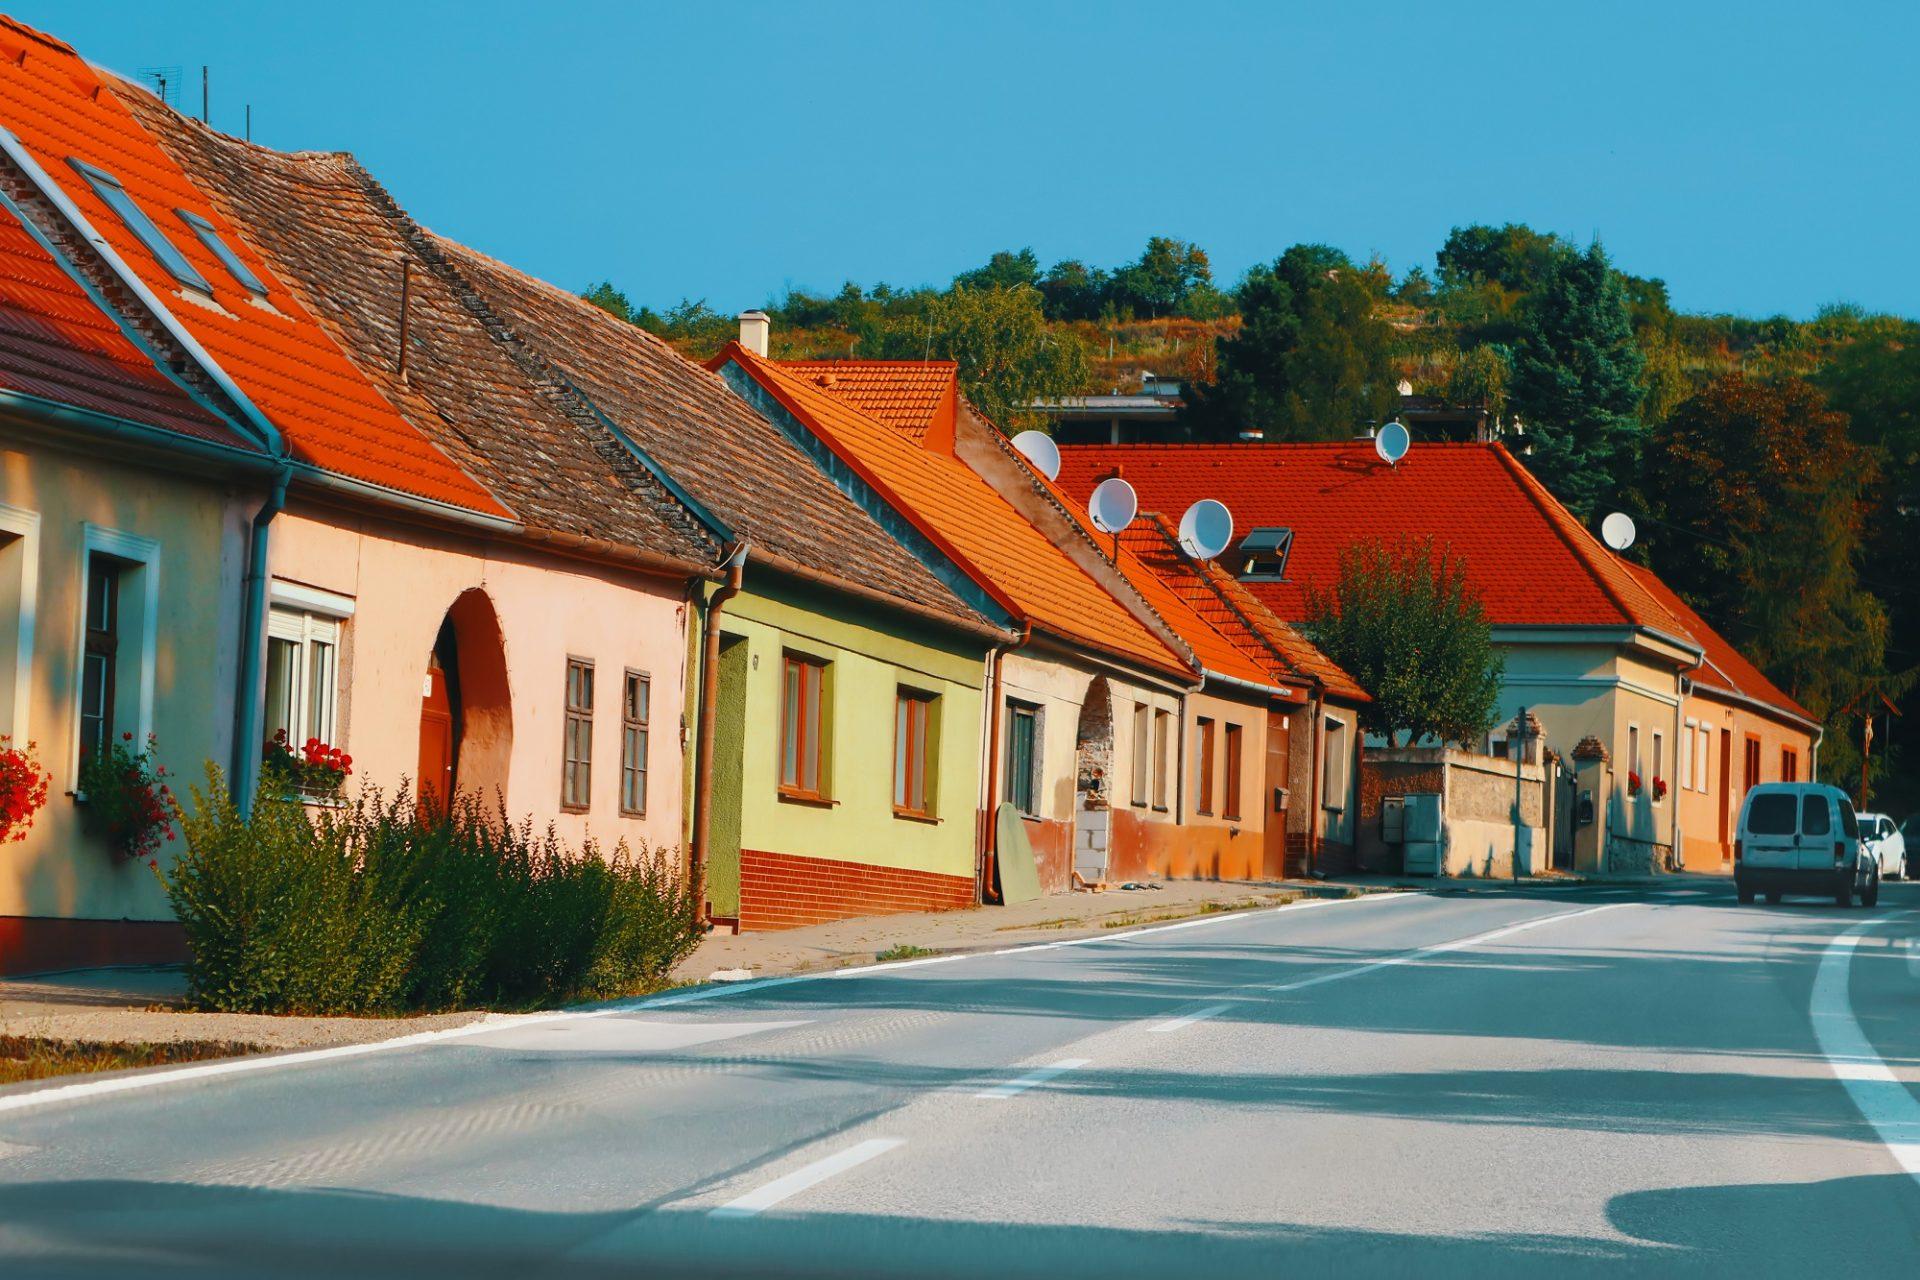 Chystáte sa kupovať rodinný dom? Čo si všímať na streche?